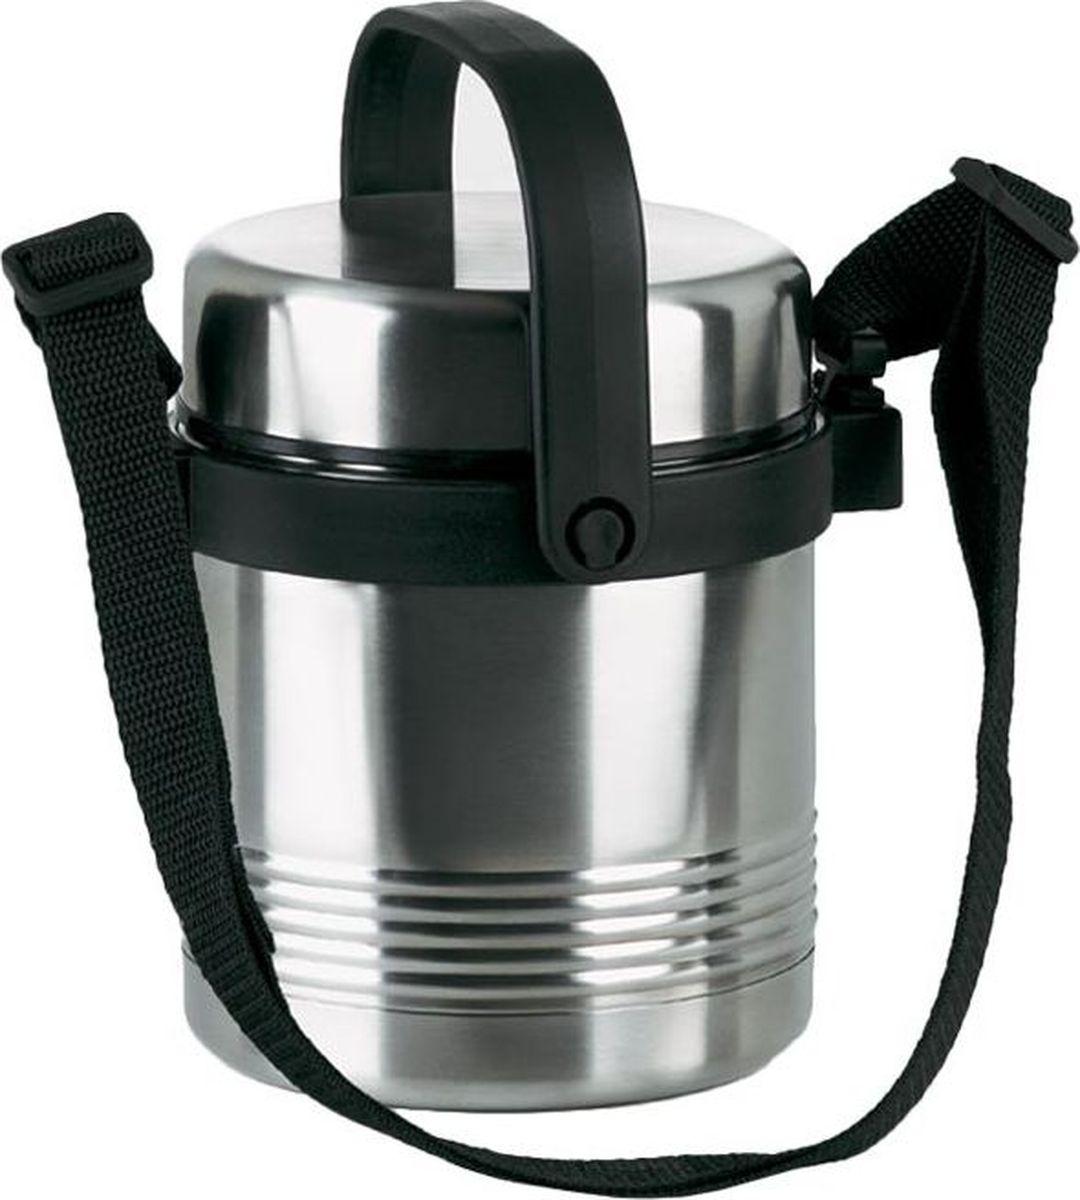 Термос Emsa Senator, цвет: серый, 1 л502524Термос для еды Emsa Senator изготовлен из высококачественной стали, и оснащен двустенной вакуумной колбой из нержавеющей стали. Внутри термоса два встроенных отделения для еды. Плотно закручивающаяся крышка 100% герметична.